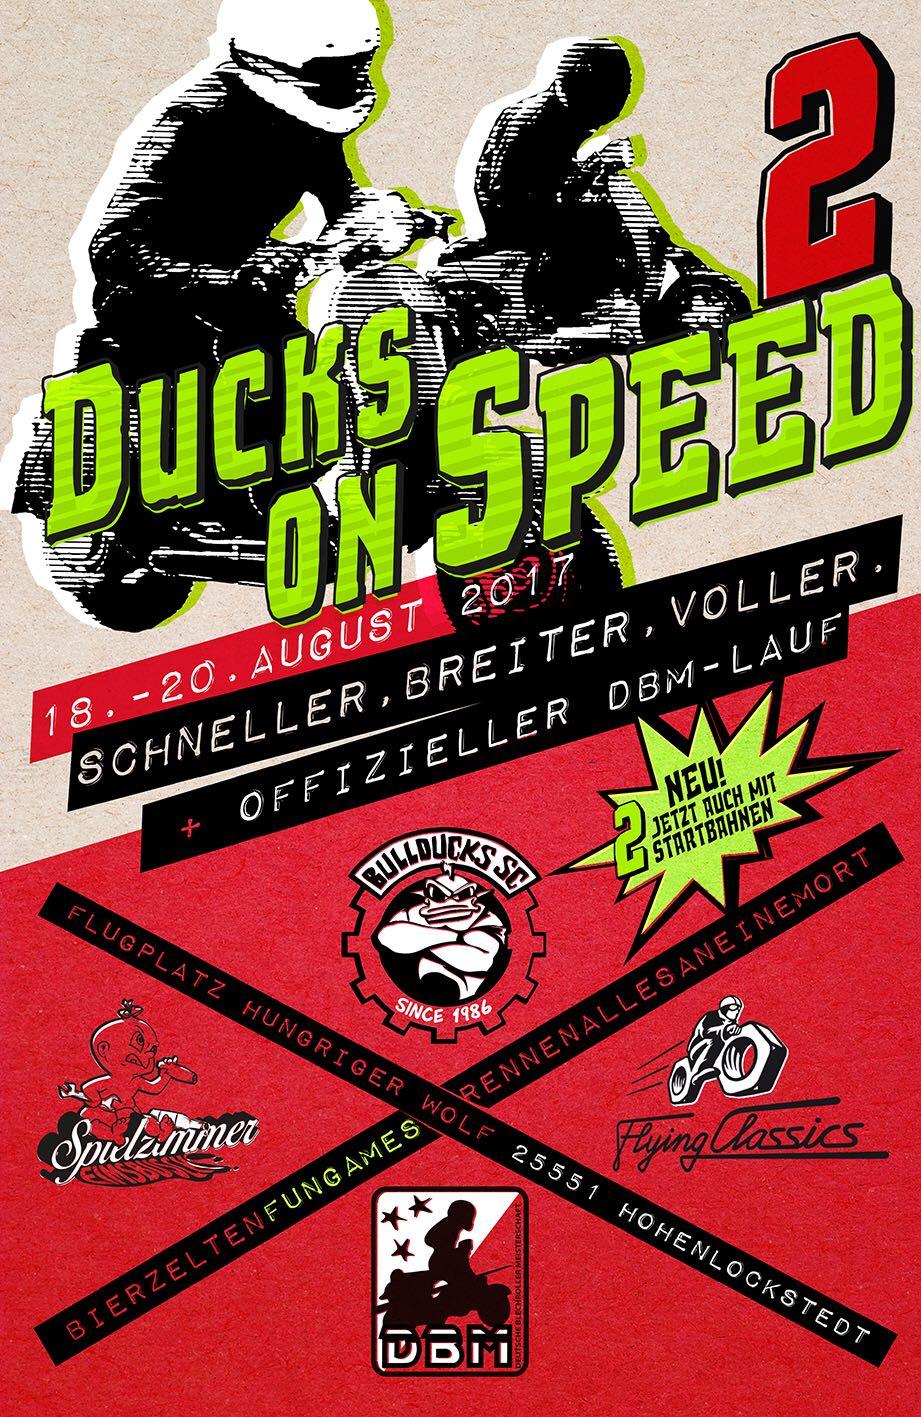 Flyer Ducks on Speed 2